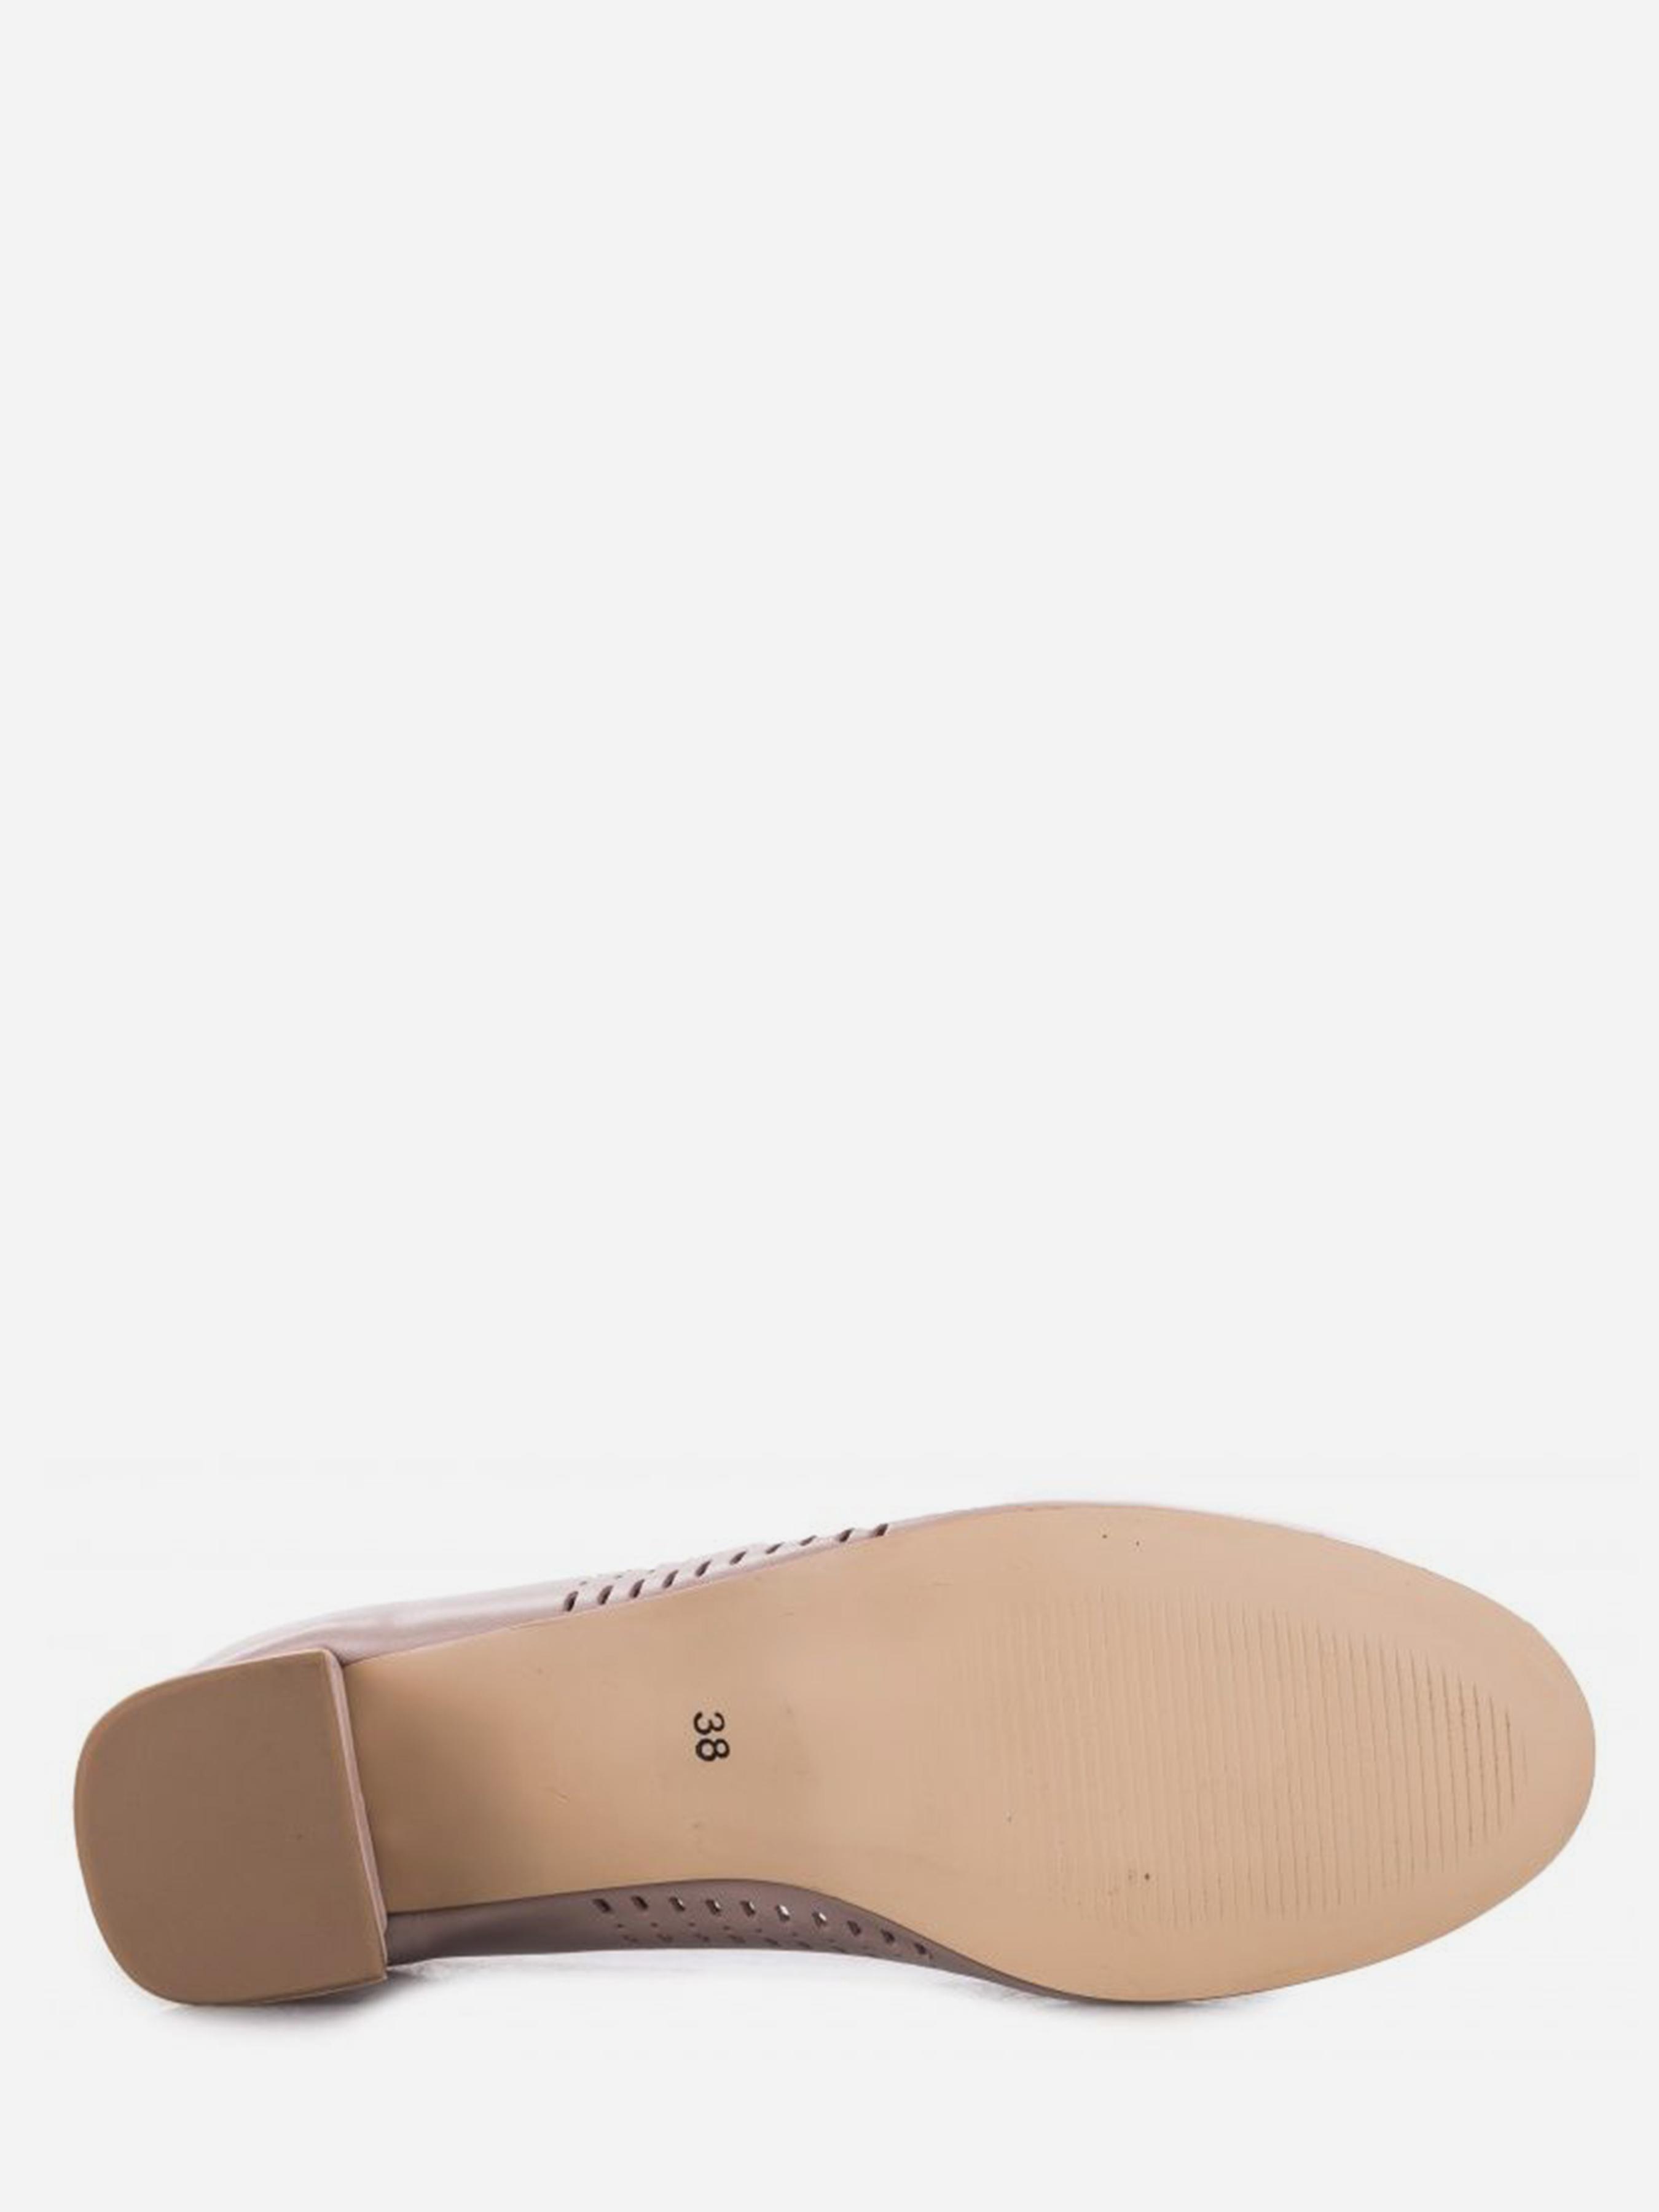 Туфли женские Braska BS3139 брендовые, 2017